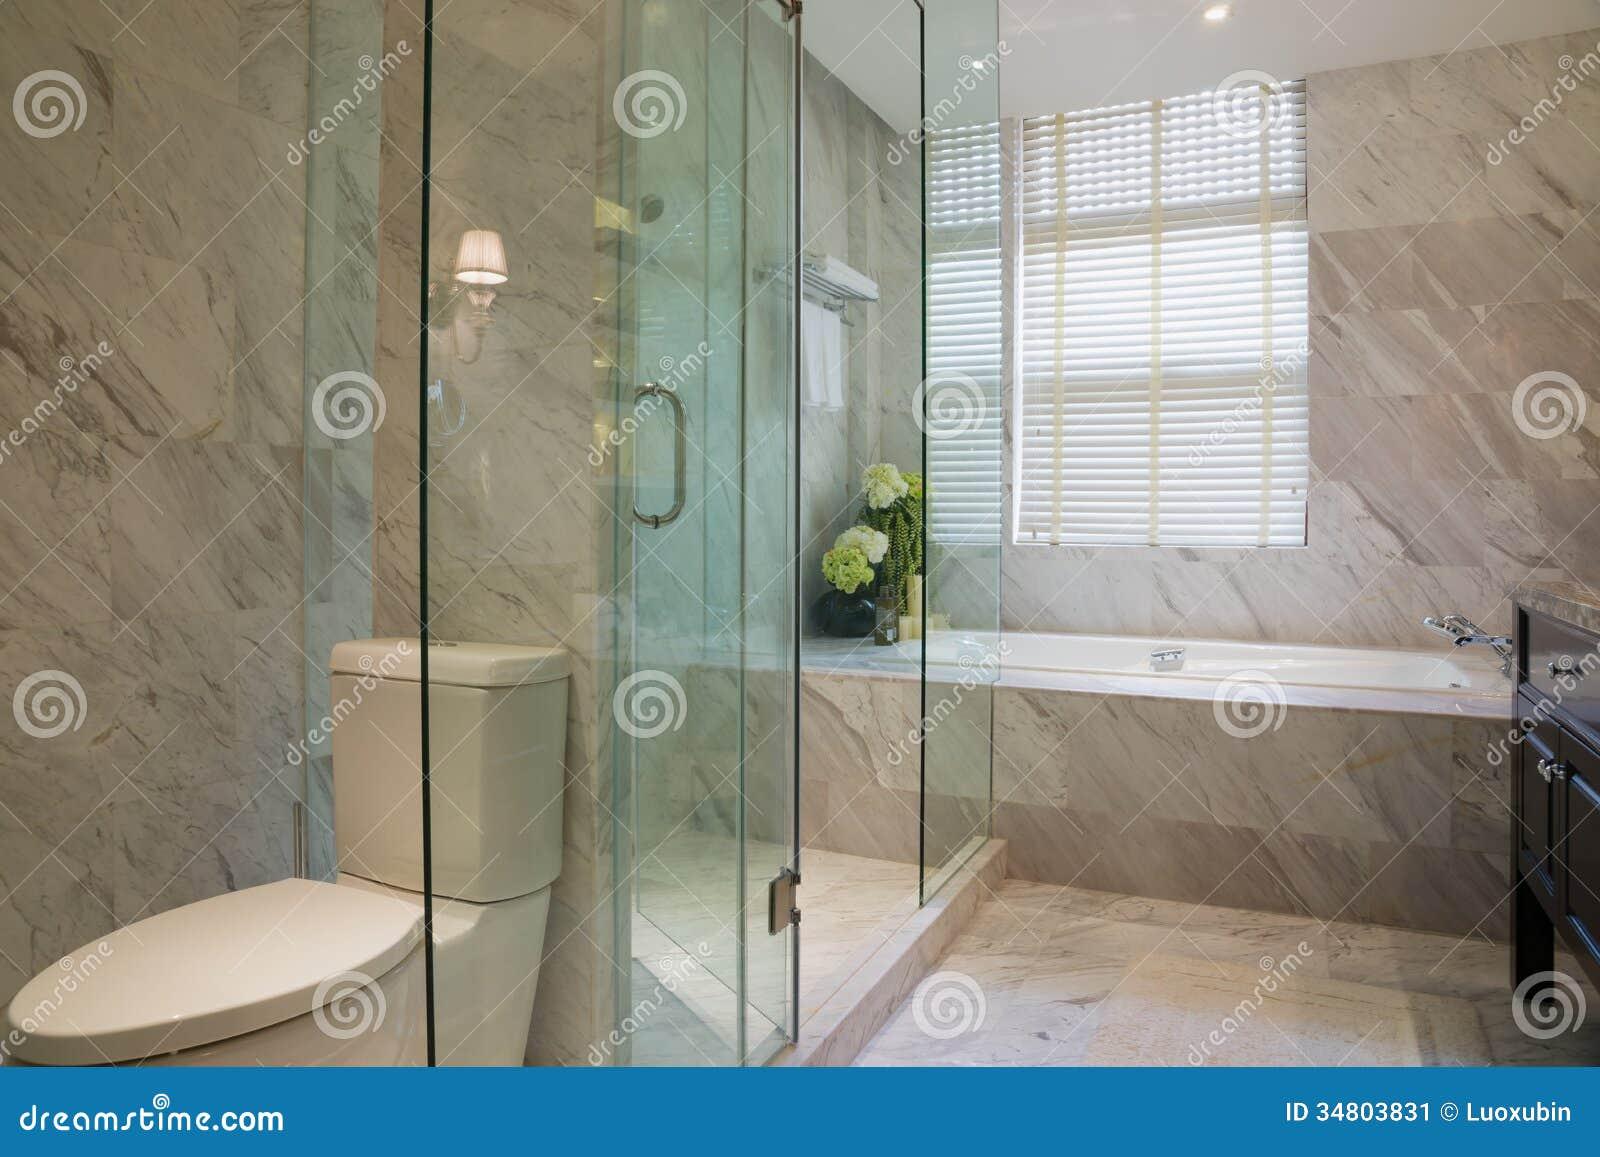 luxury bathroom stock image - image: 34803831